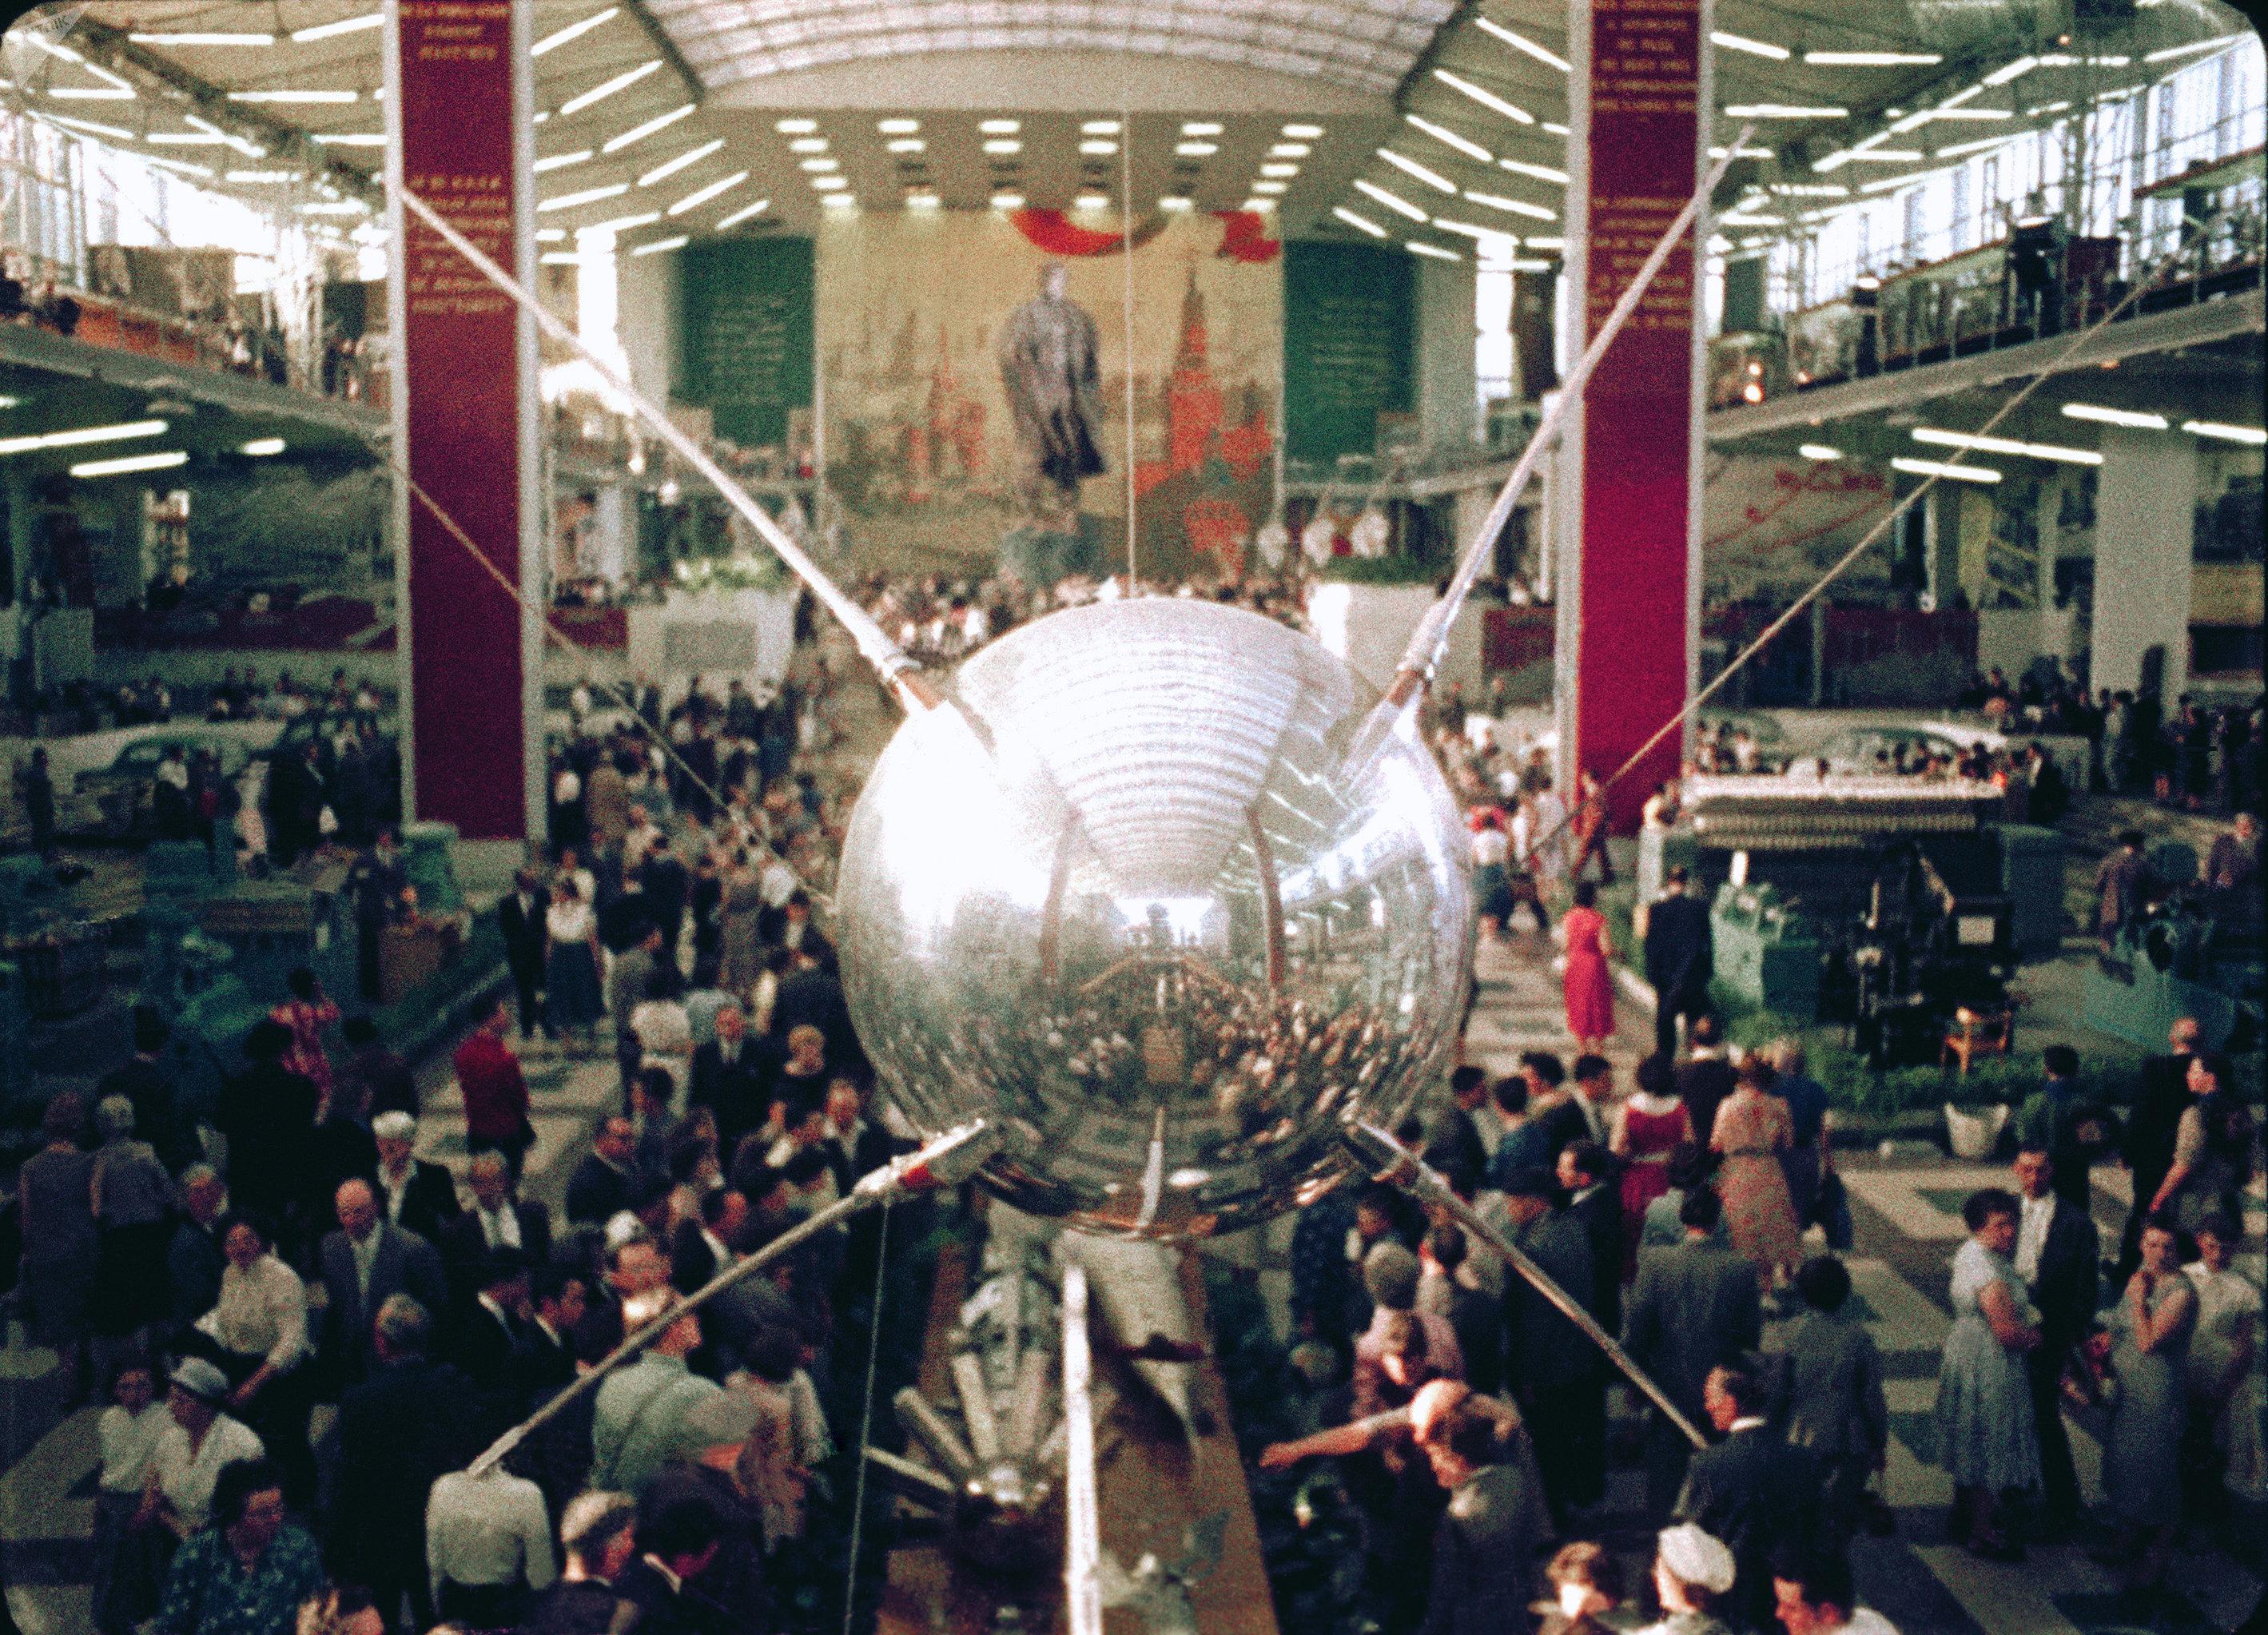 Copia del Sputnik 1, mostrado durante la feria EXPO 58 en Bruselas.